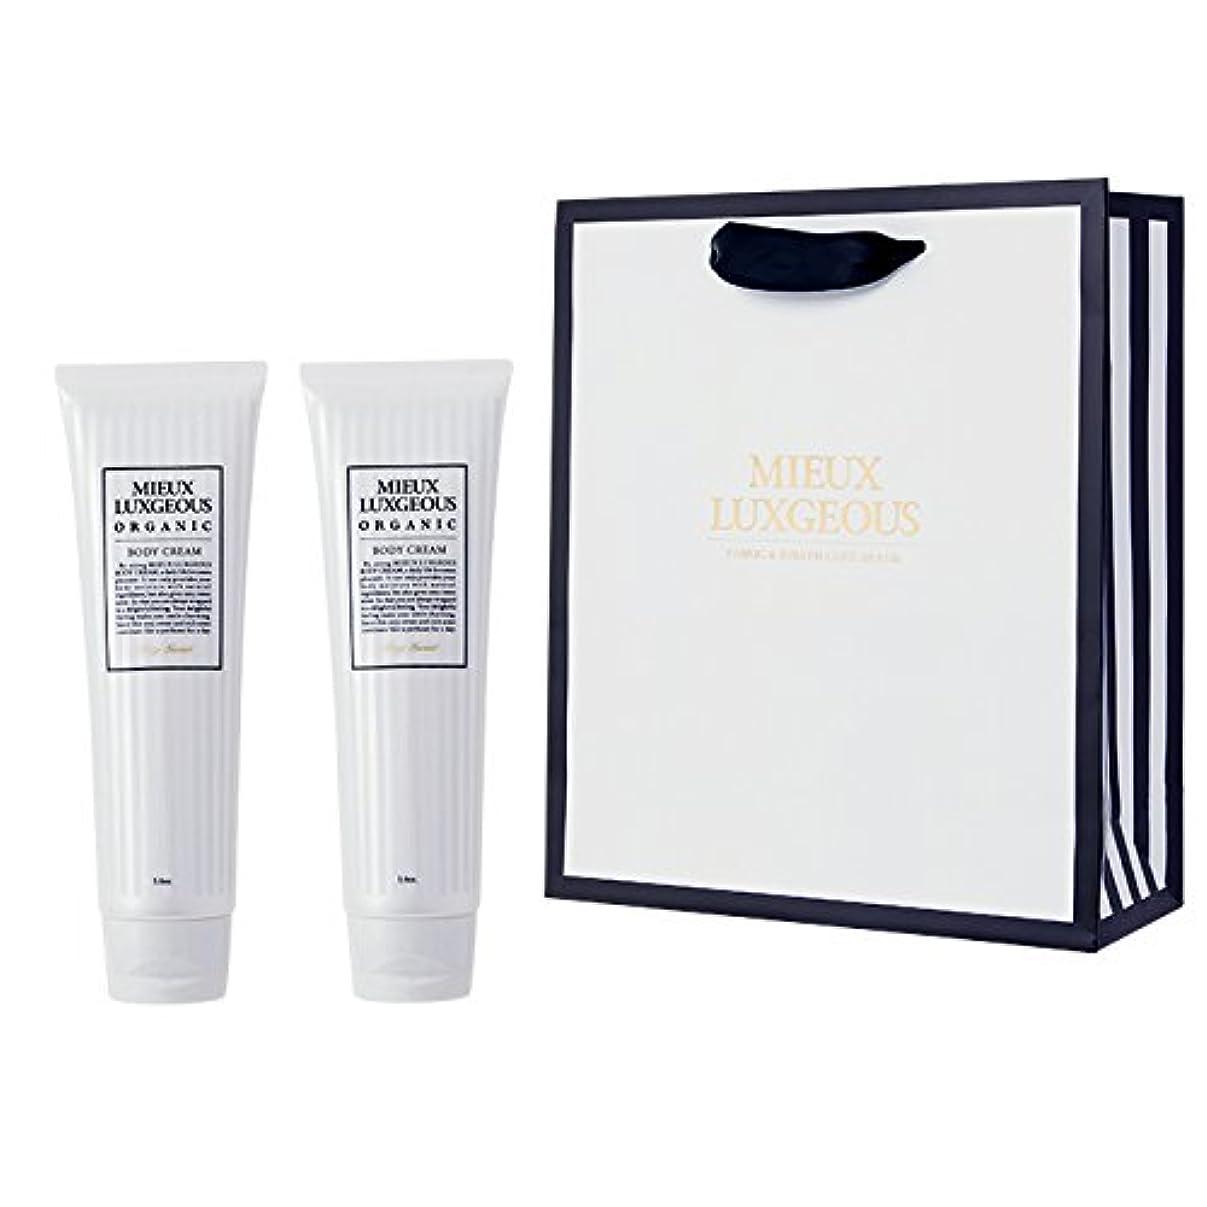 成分権限森林ミューラグジャス Body Cream 2本set with Paperbag02